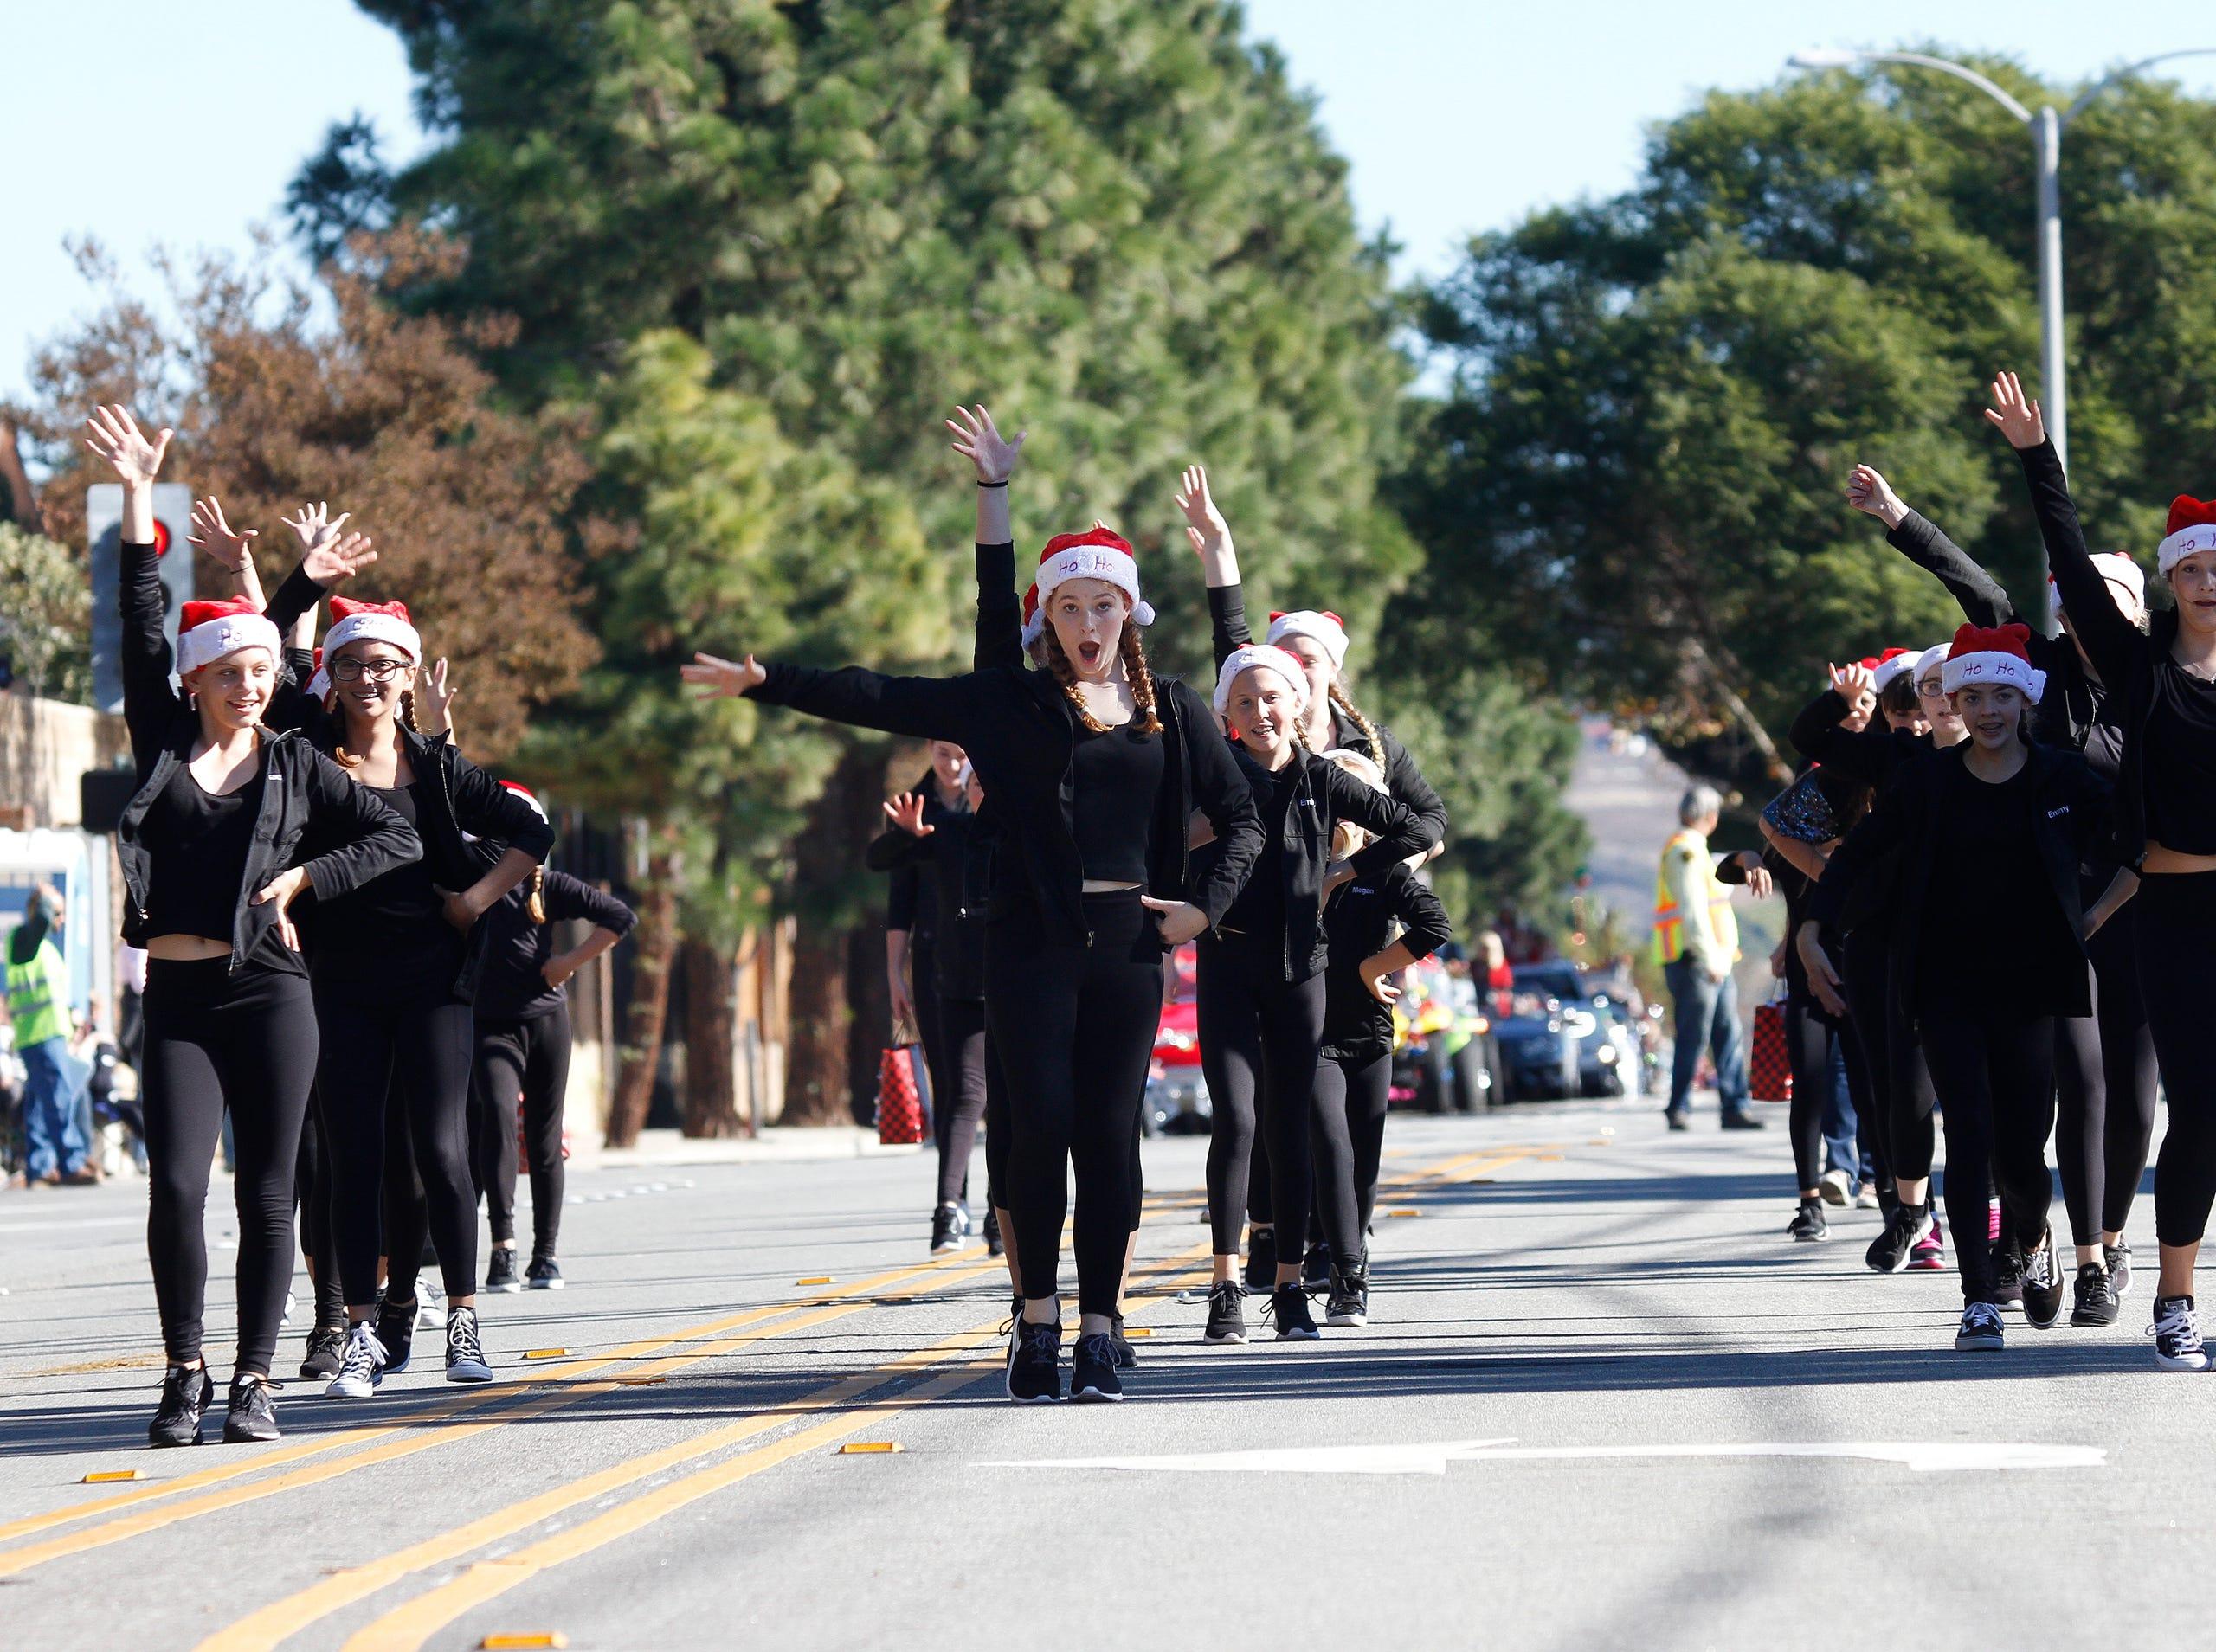 Camarillo Christmas Parade 2020 What happened at Camarillo Christmas parade